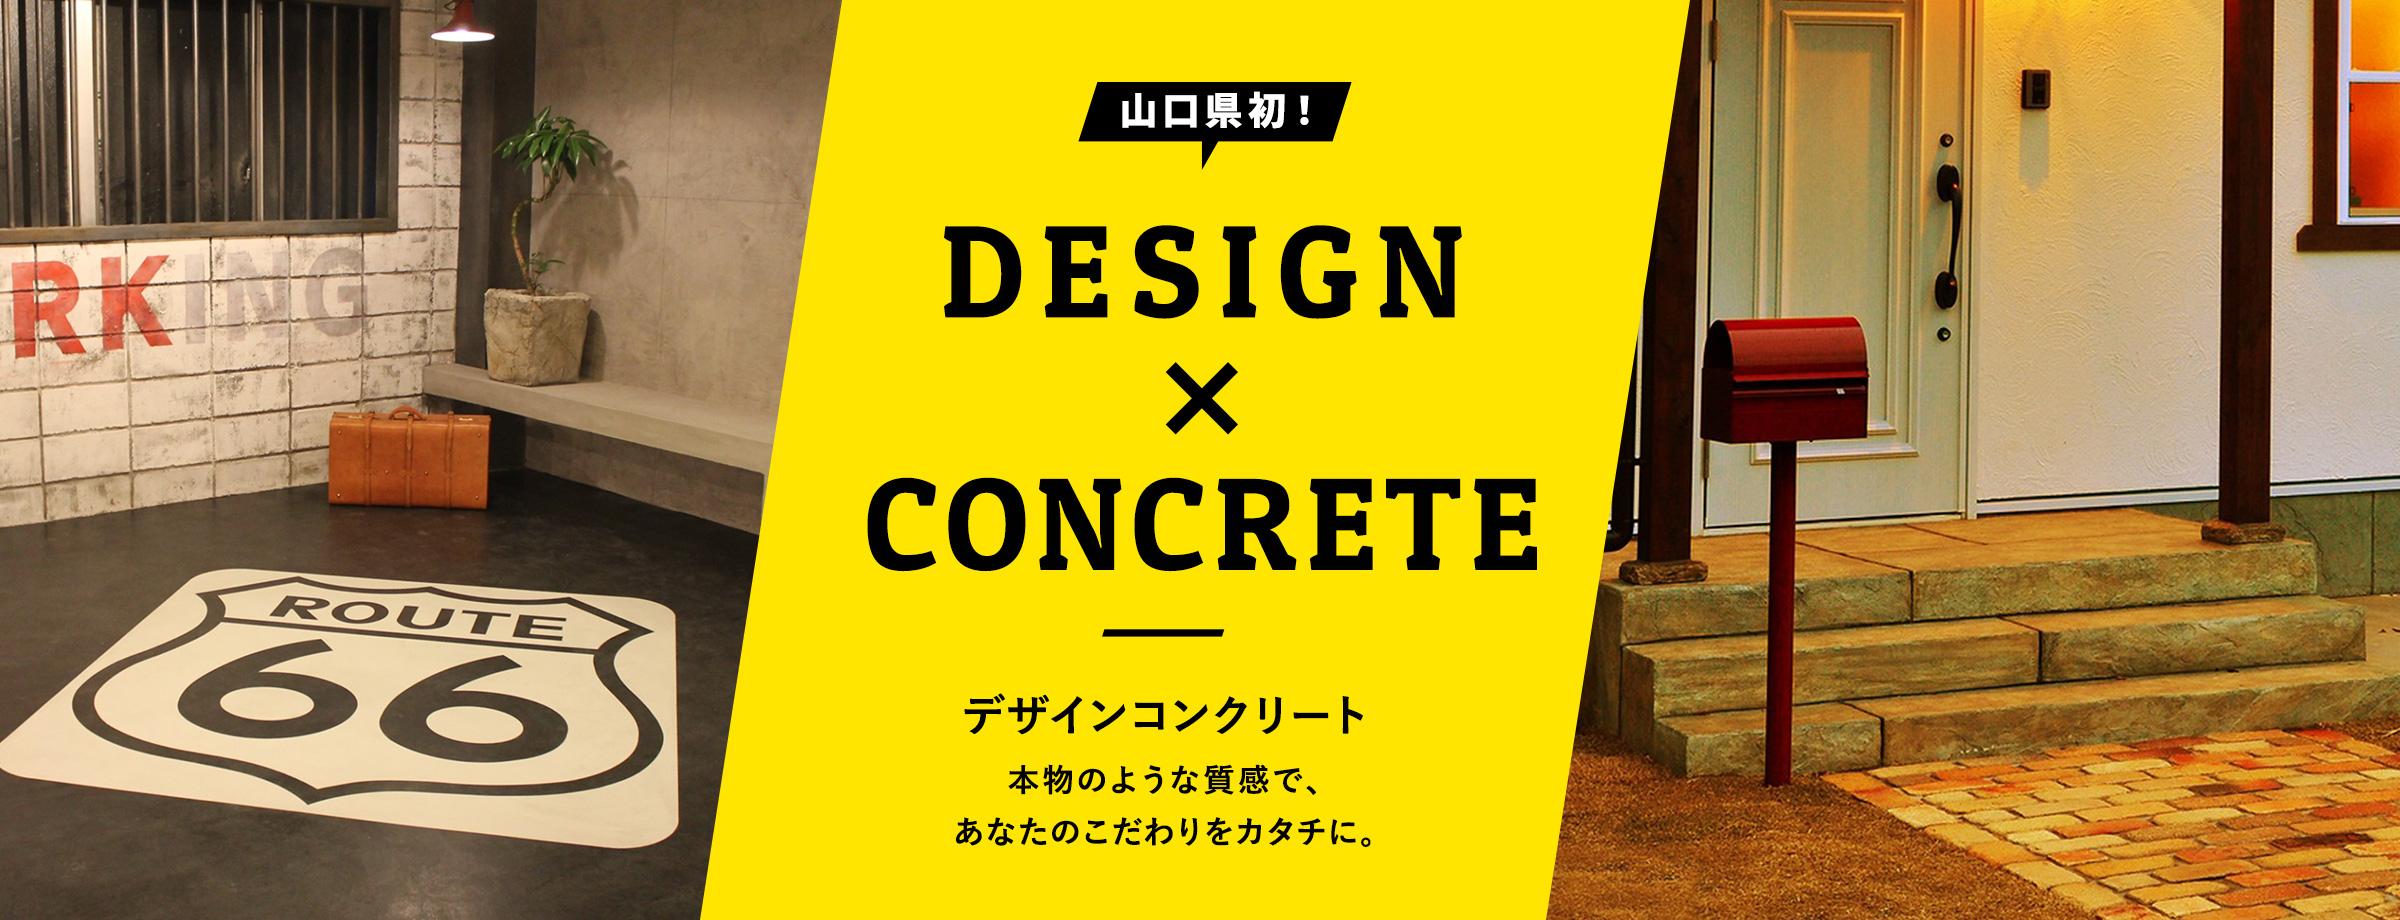 山口県!デザインコンクリート